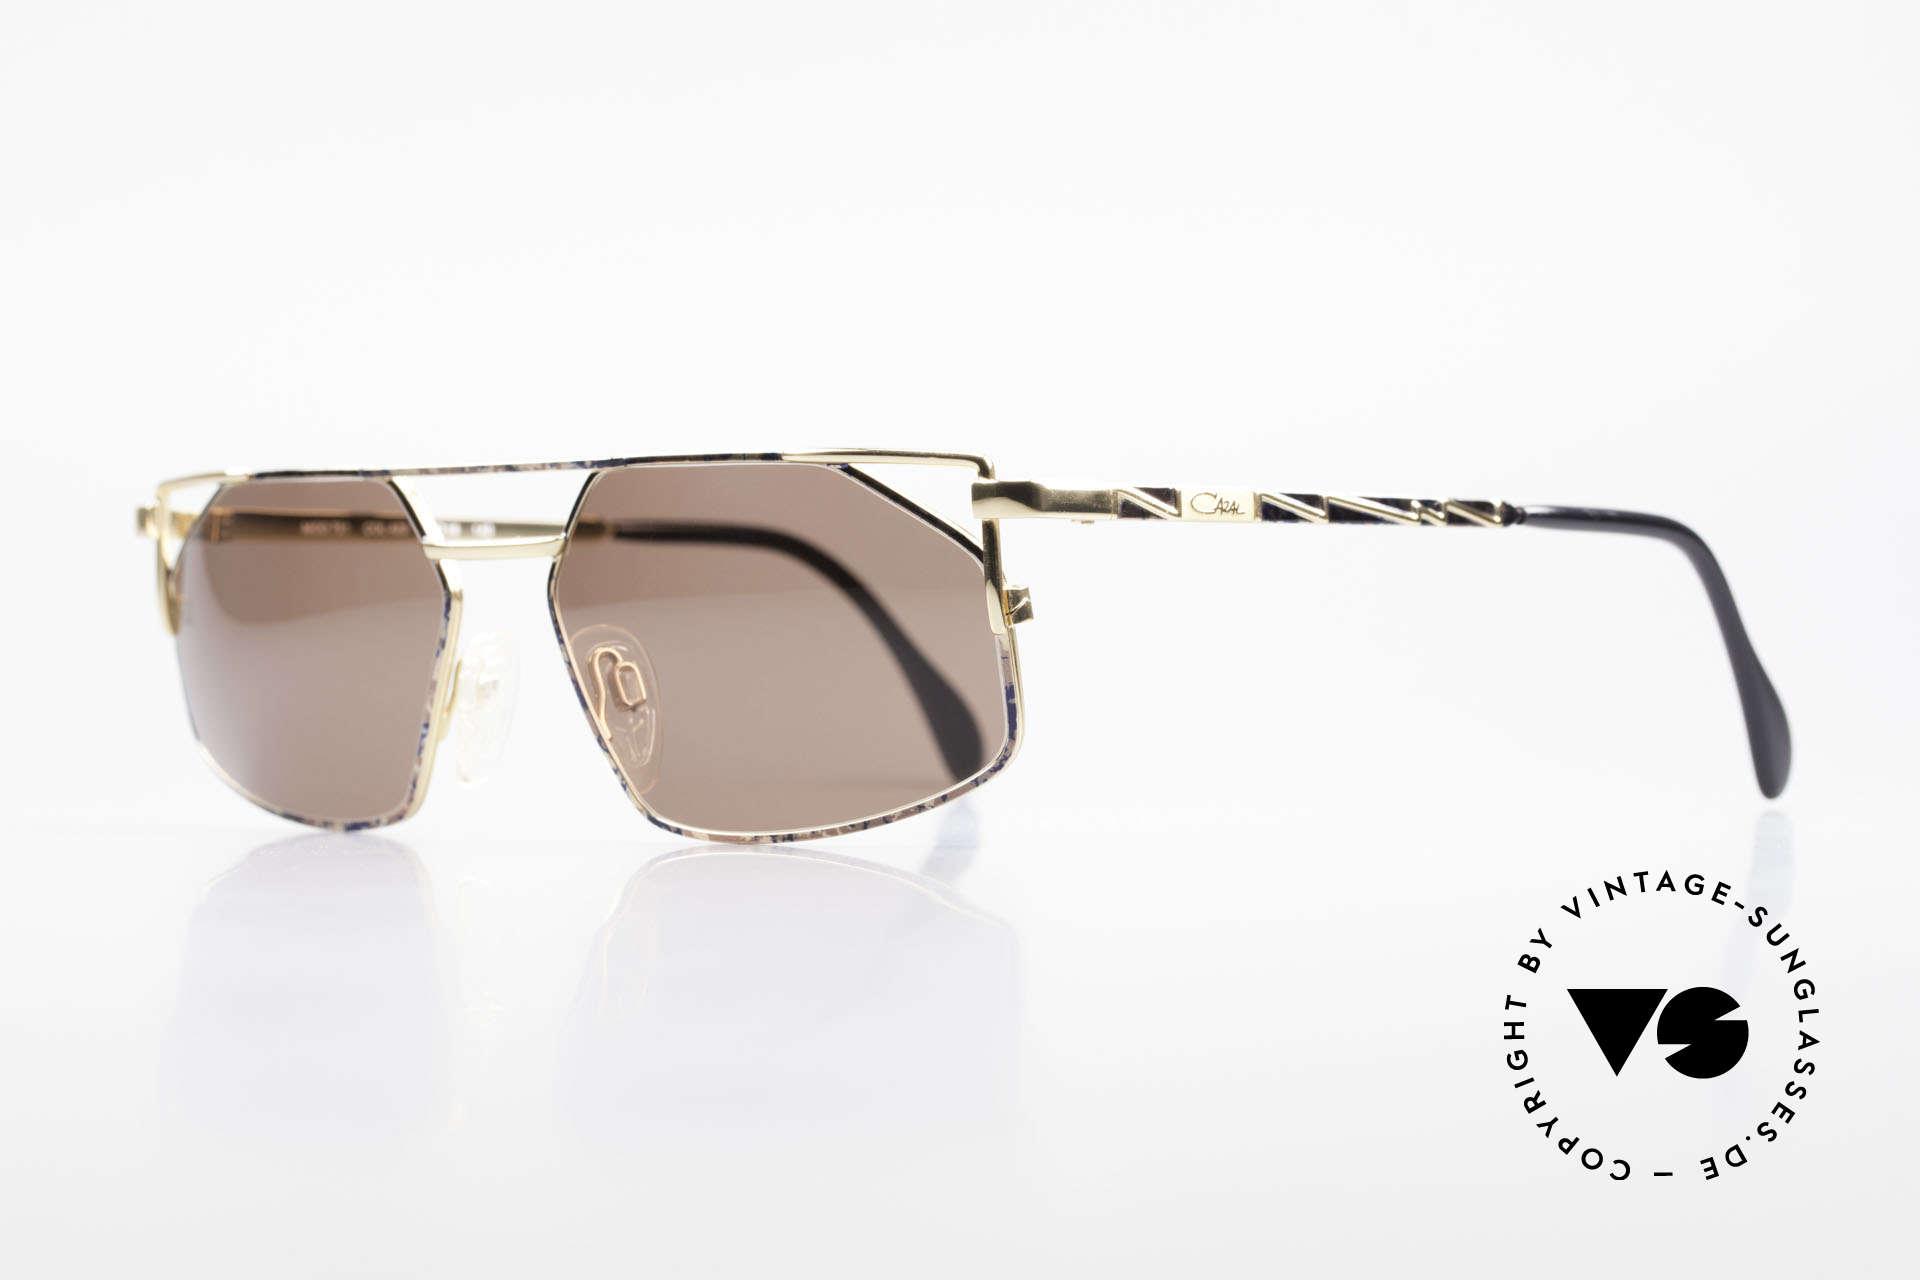 Cazal 751 Rare Vintage Designerbrille, tolles altes Designerstück; als Herrenbrille konzipiert, Passend für Herren